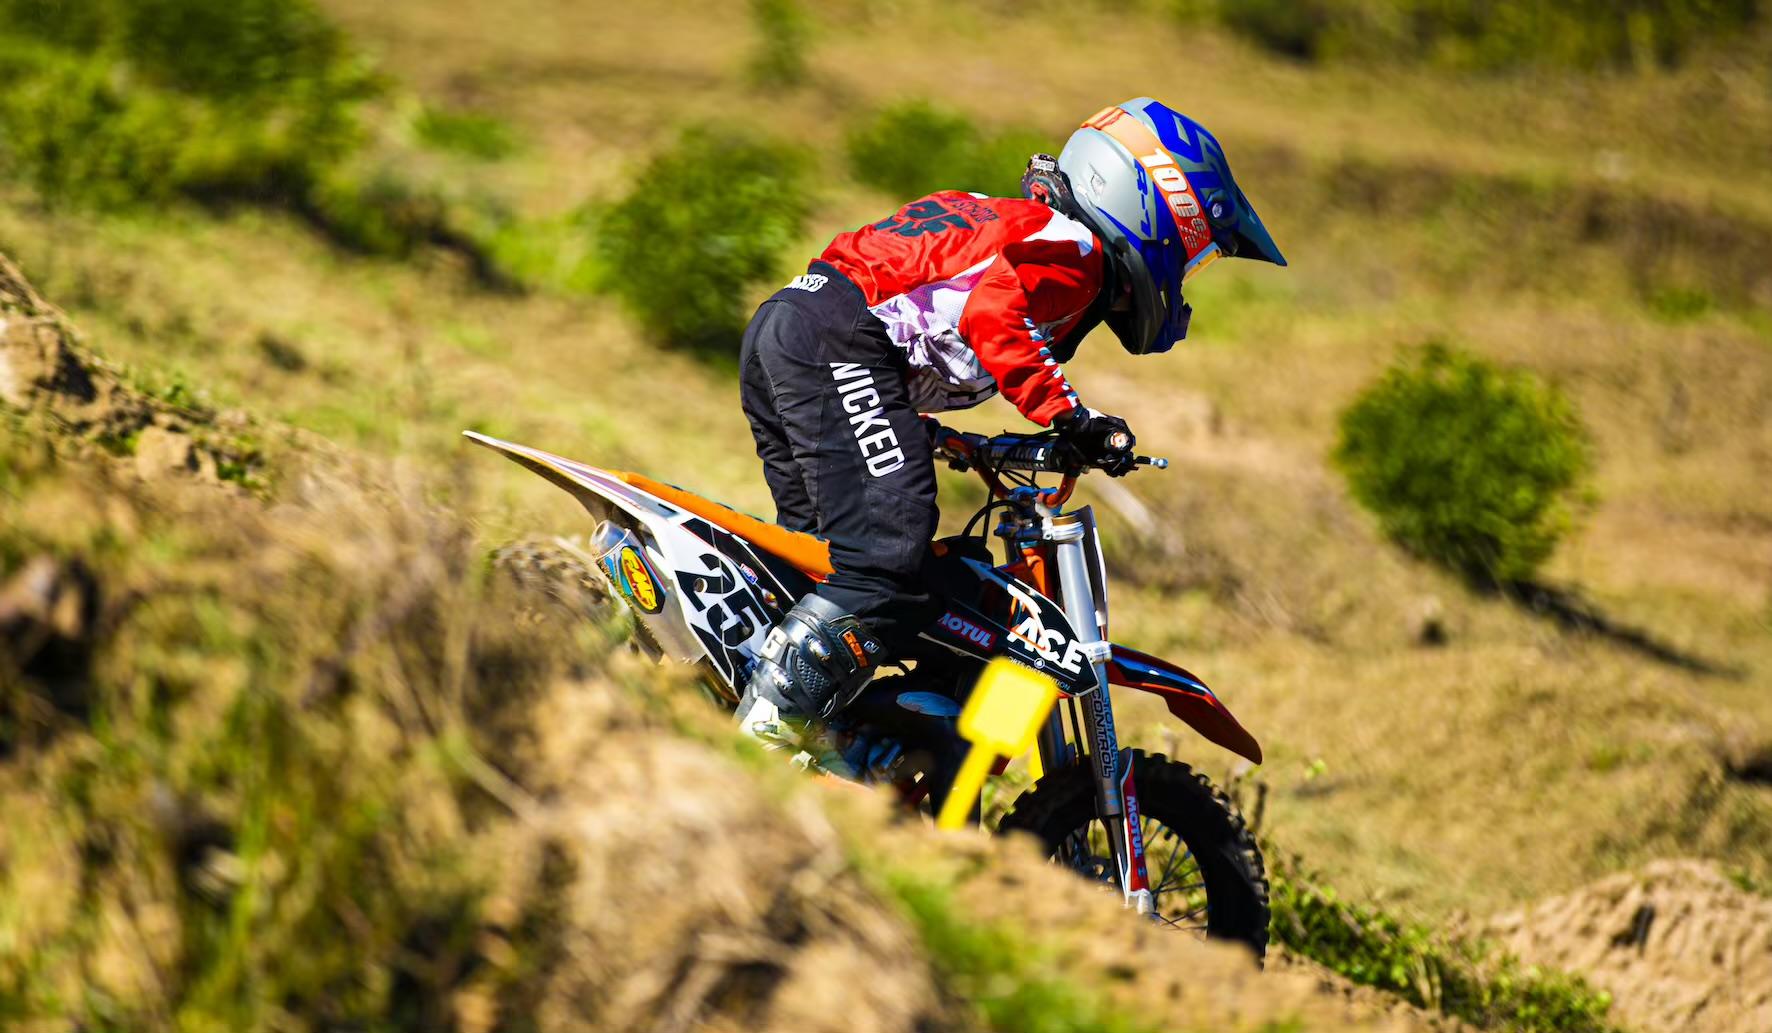 Jake van Schoor racing Round 2 of the 2021 South African National Motocross Championship